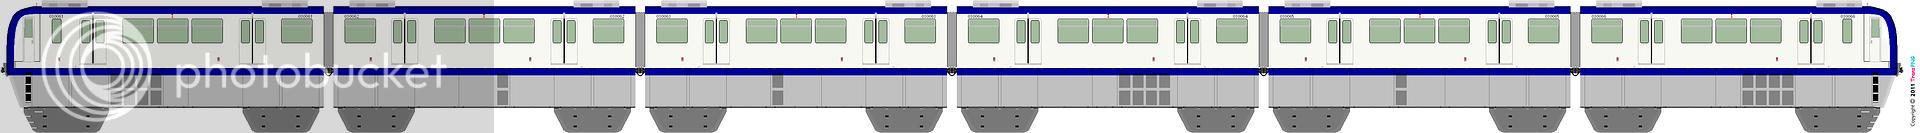 [5300] 重慶市軌道交通 2300